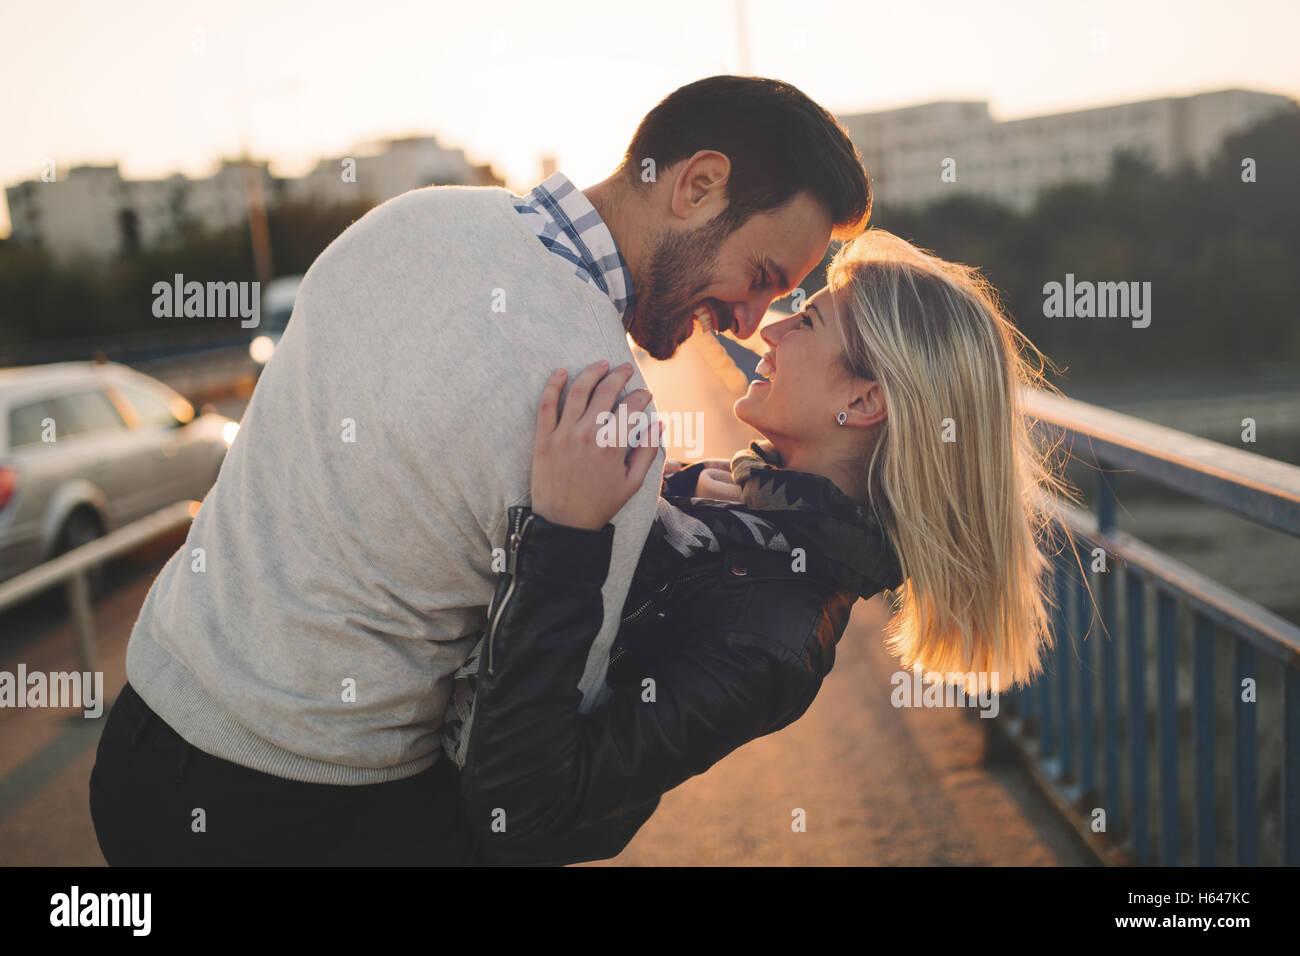 Pareja romántica en el amor disfrutando del atardecer y besos Imagen De Stock